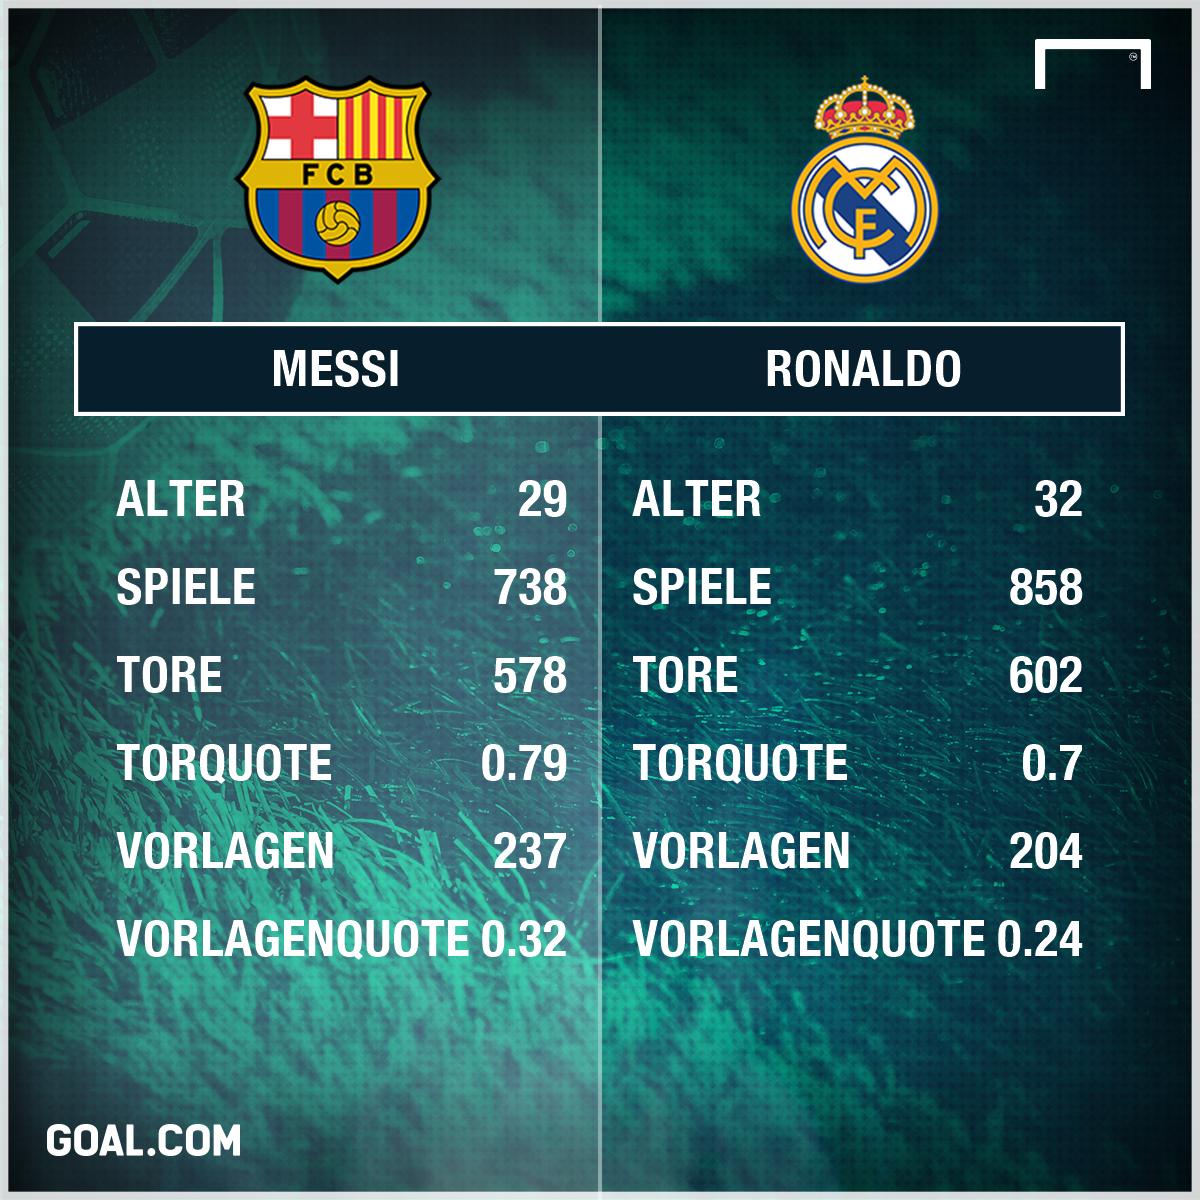 Wie Viele Tore Hat Messi Geschossen